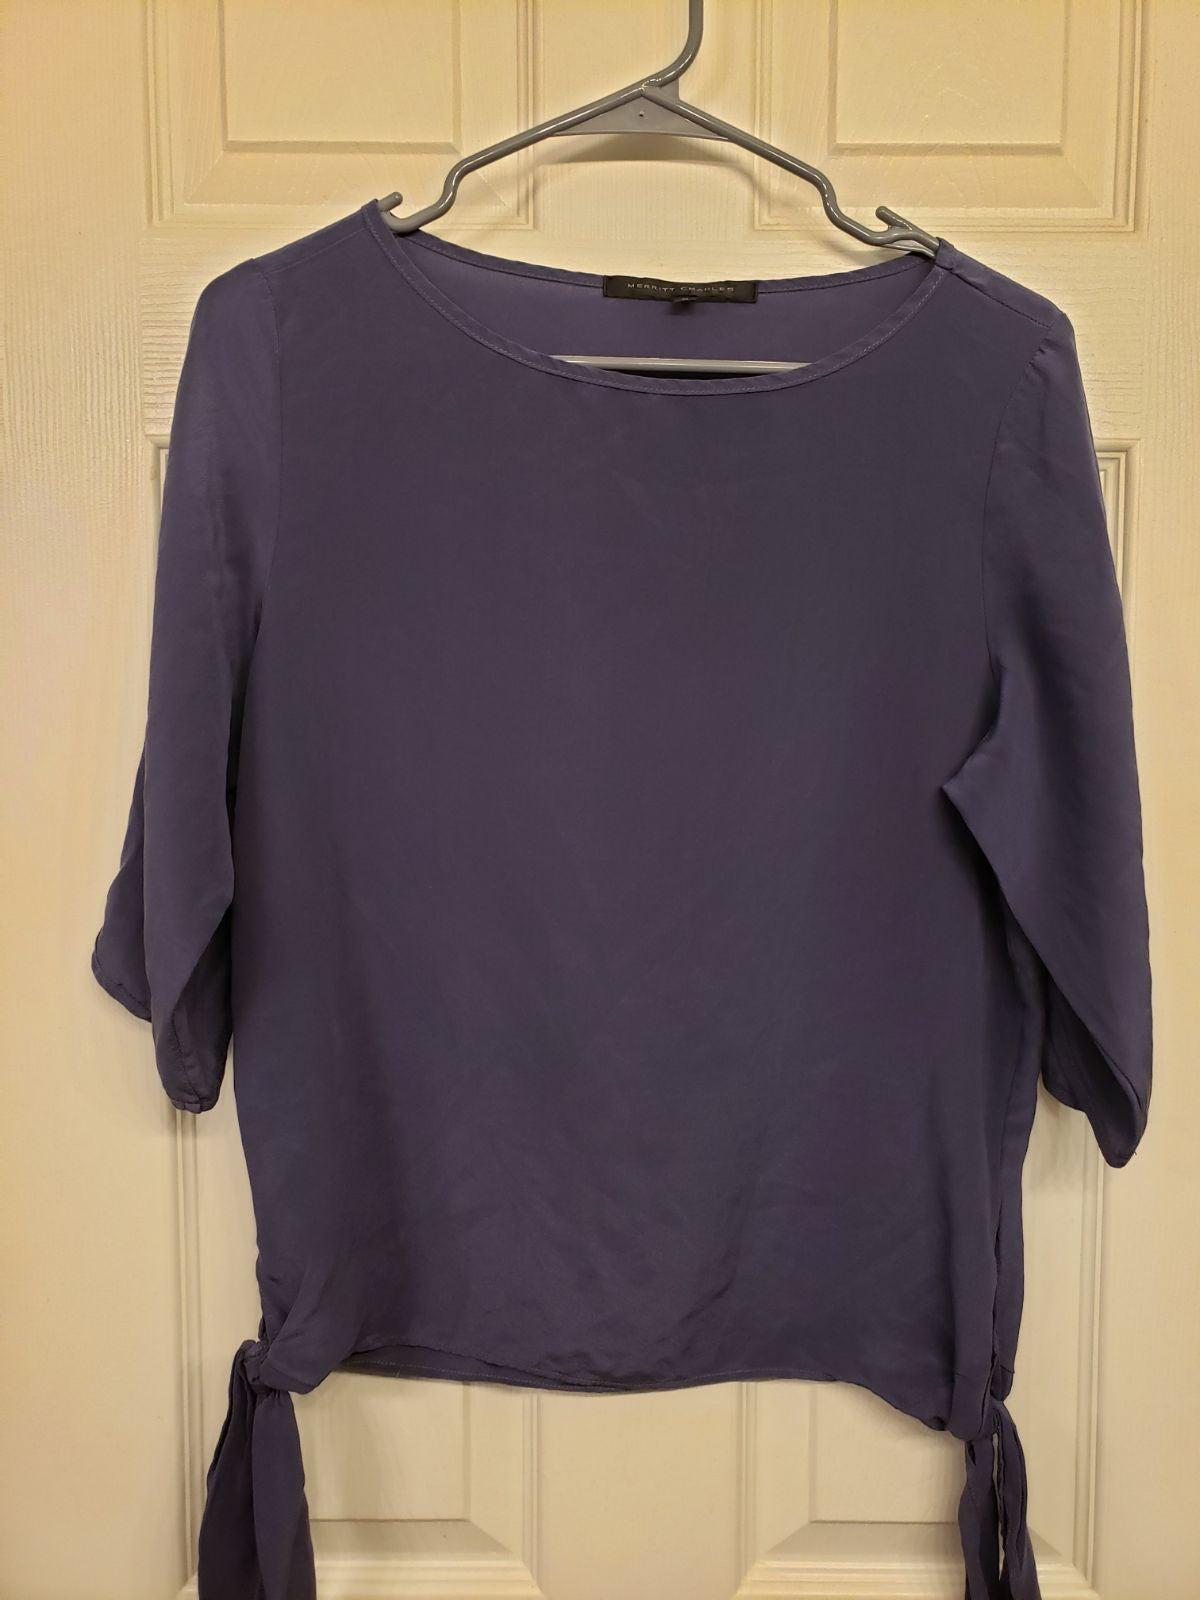 Merritt Charles blouse